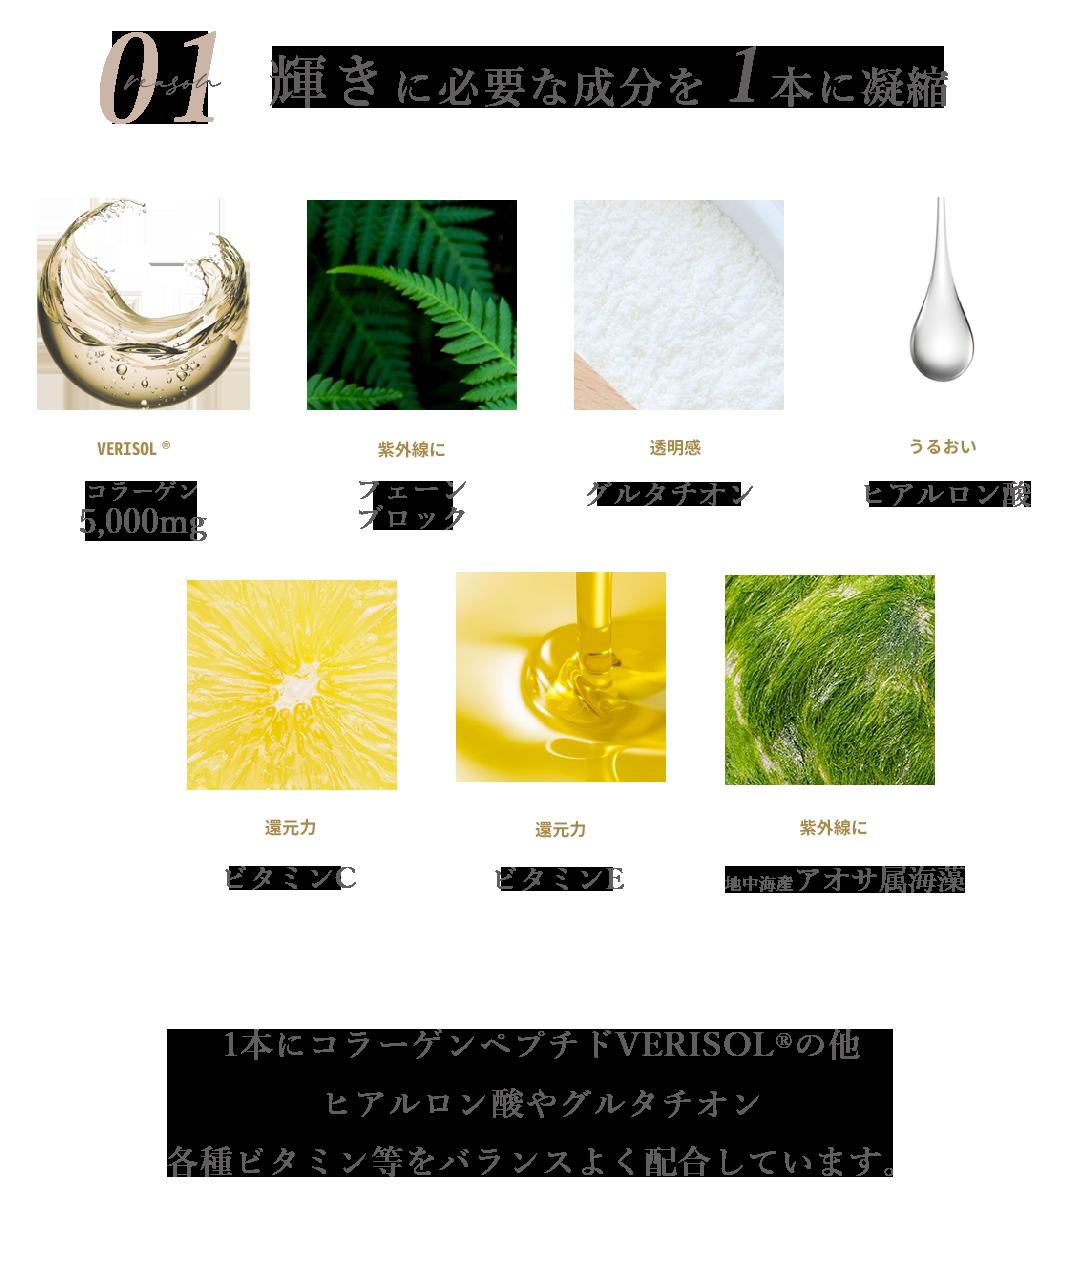 2皮膚に特化したコラーゲン使用